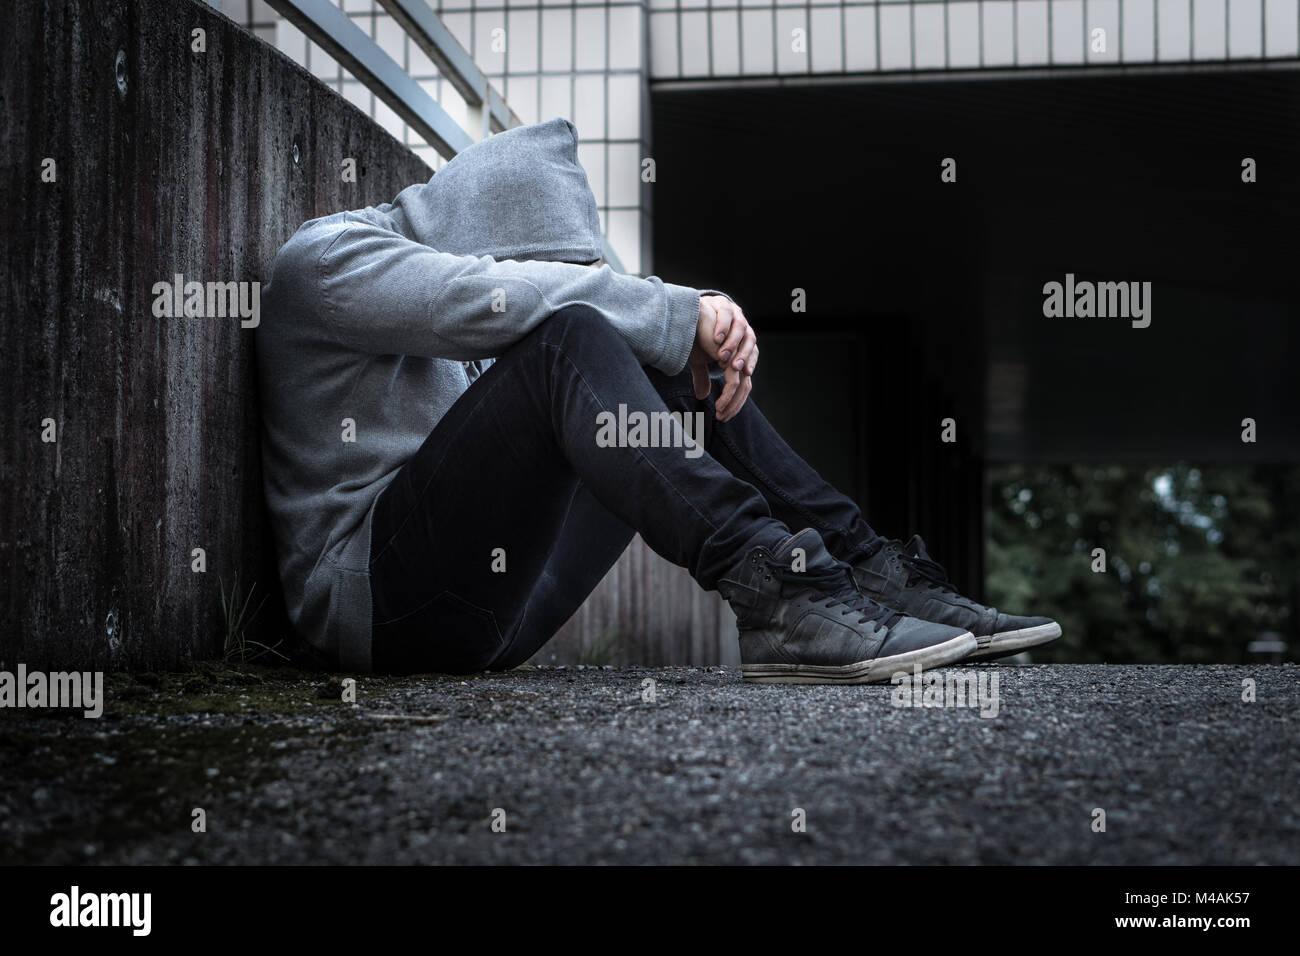 Depressione, isolamento sociale e di solitudine, di salute mentale e il concetto di discriminazione. Triste, solitario, Immagini Stock